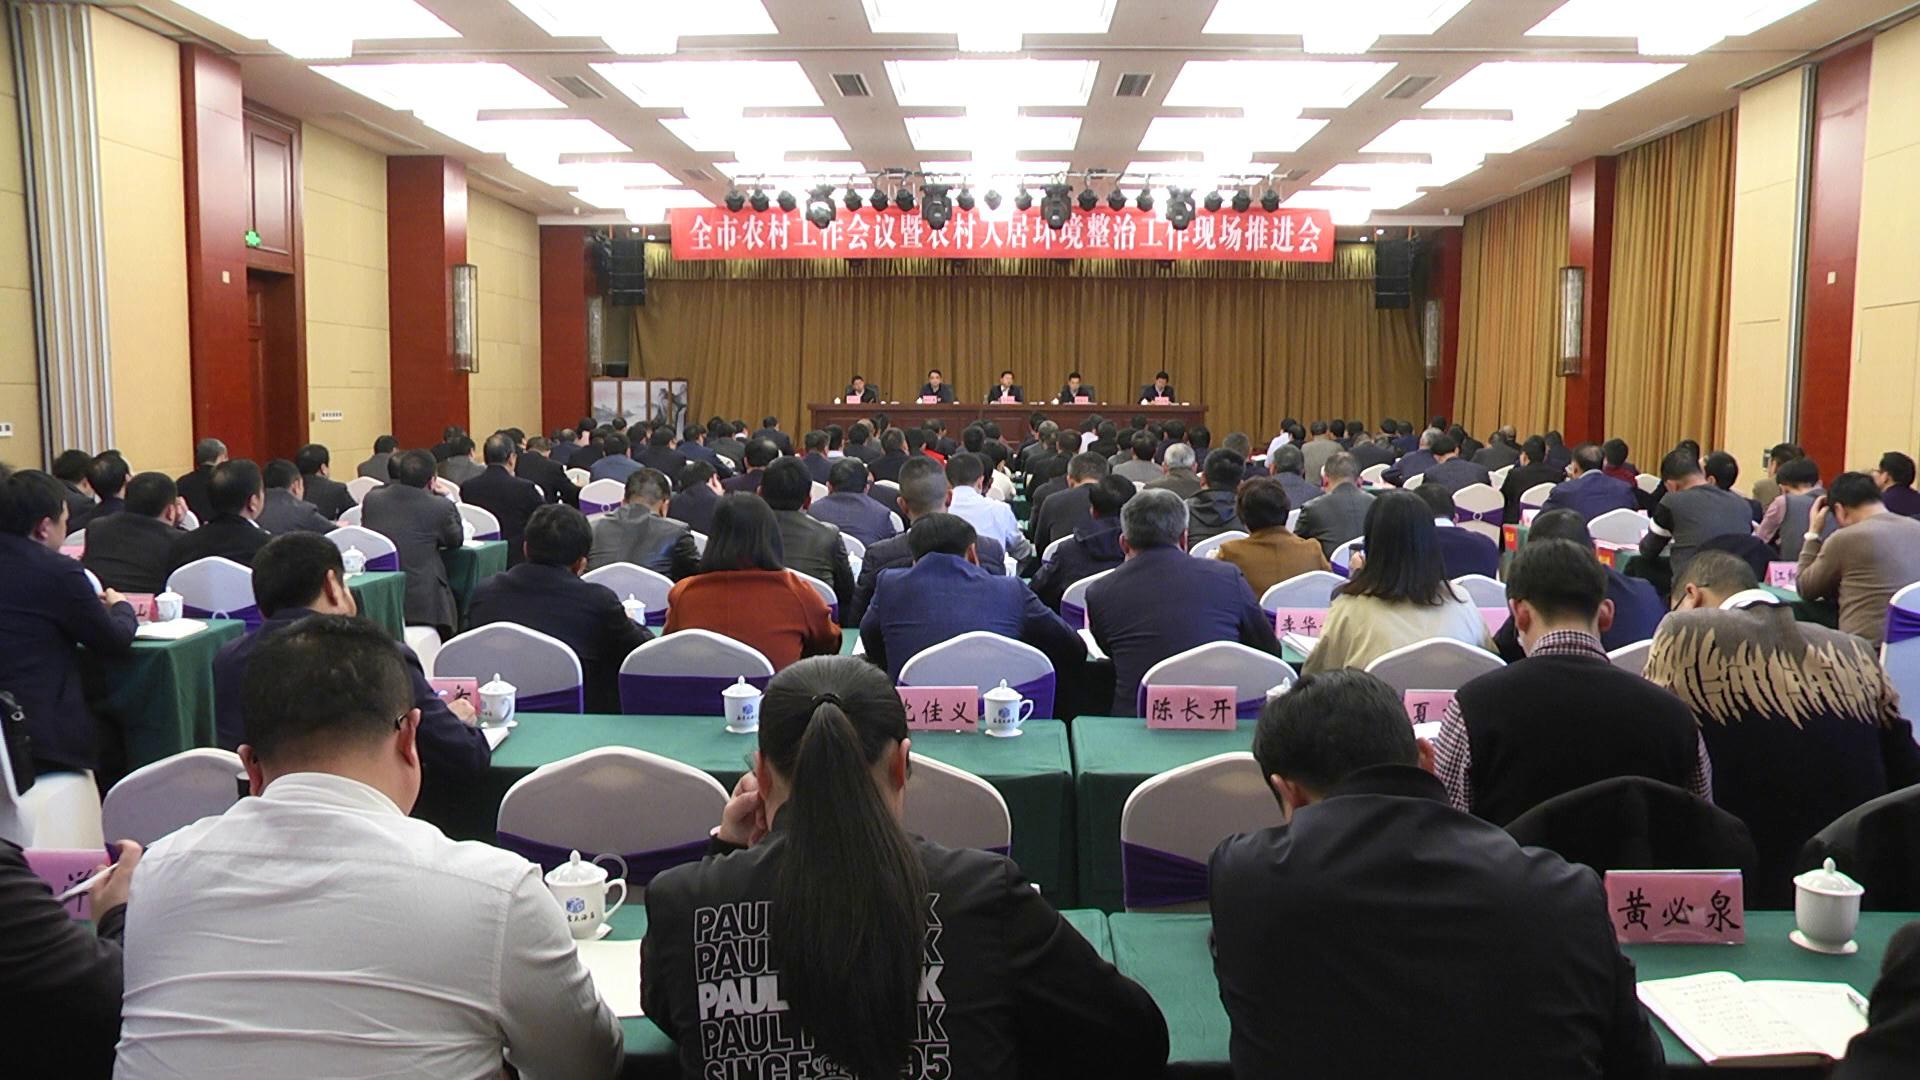 全市农村工作会议暨农村人居环境整治工作现场推进会召开